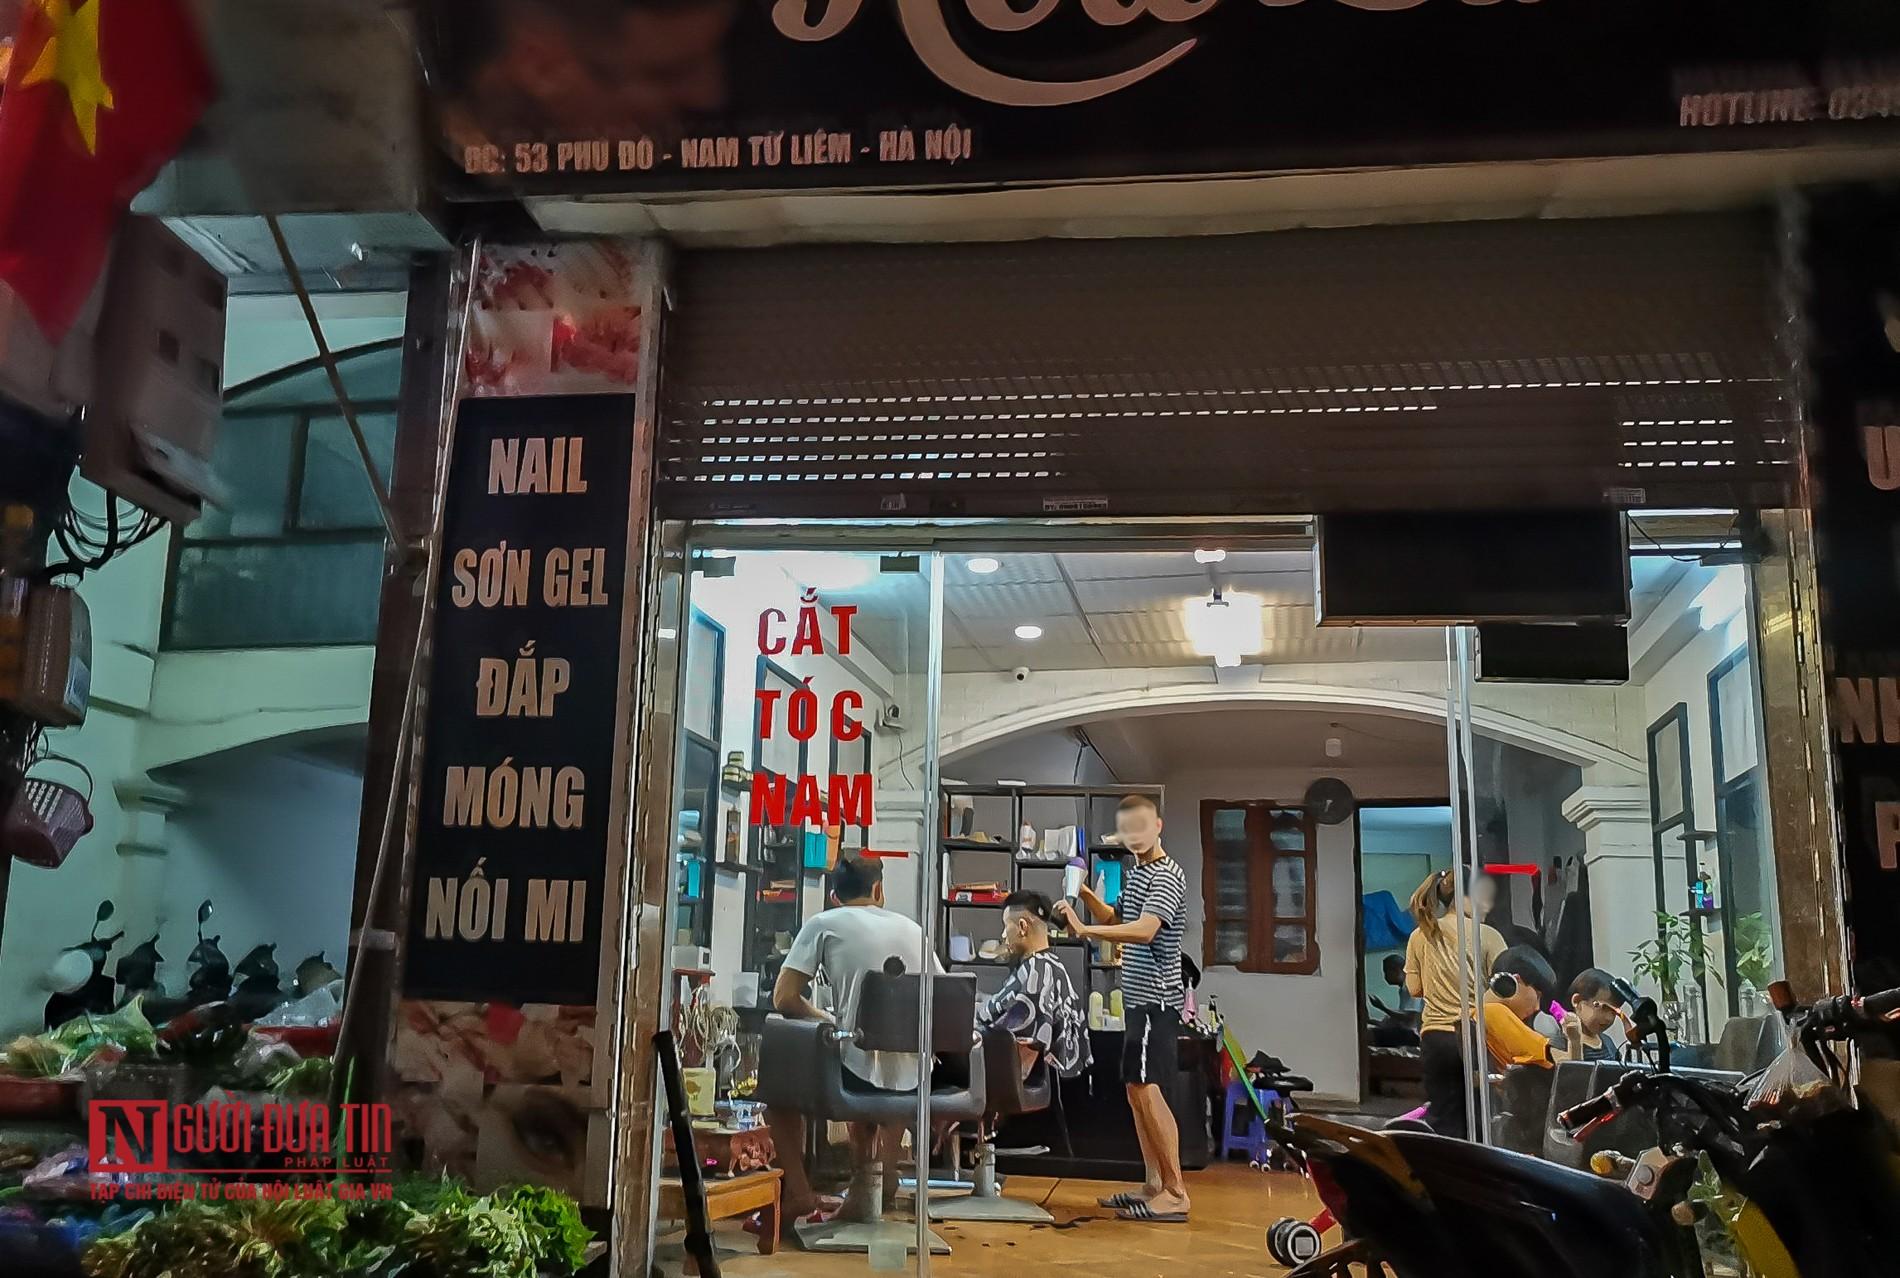 """Hà Nội: Bất chấp """"cách ly toàn xã hội"""", hàng quán ngang nhiên mở cửa đón khách - Ảnh 12"""